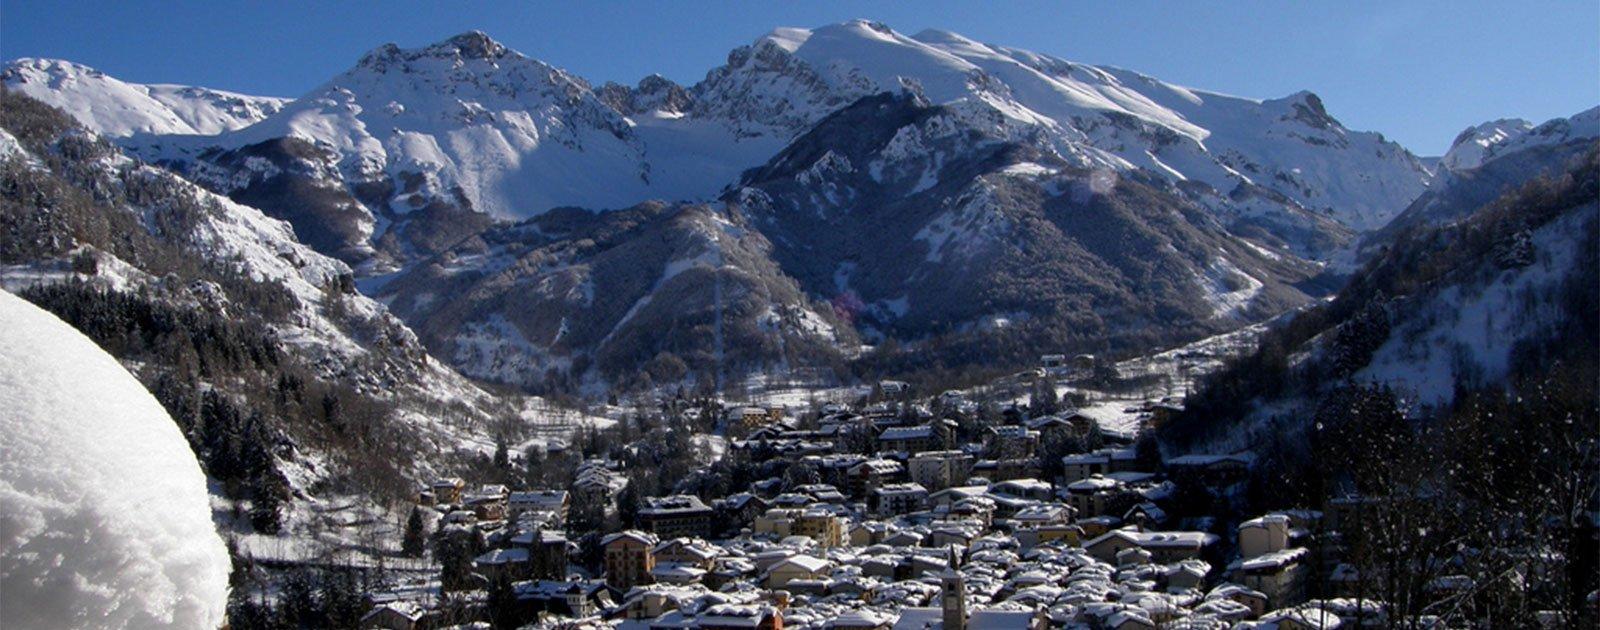 Winter in Limone Piemonte